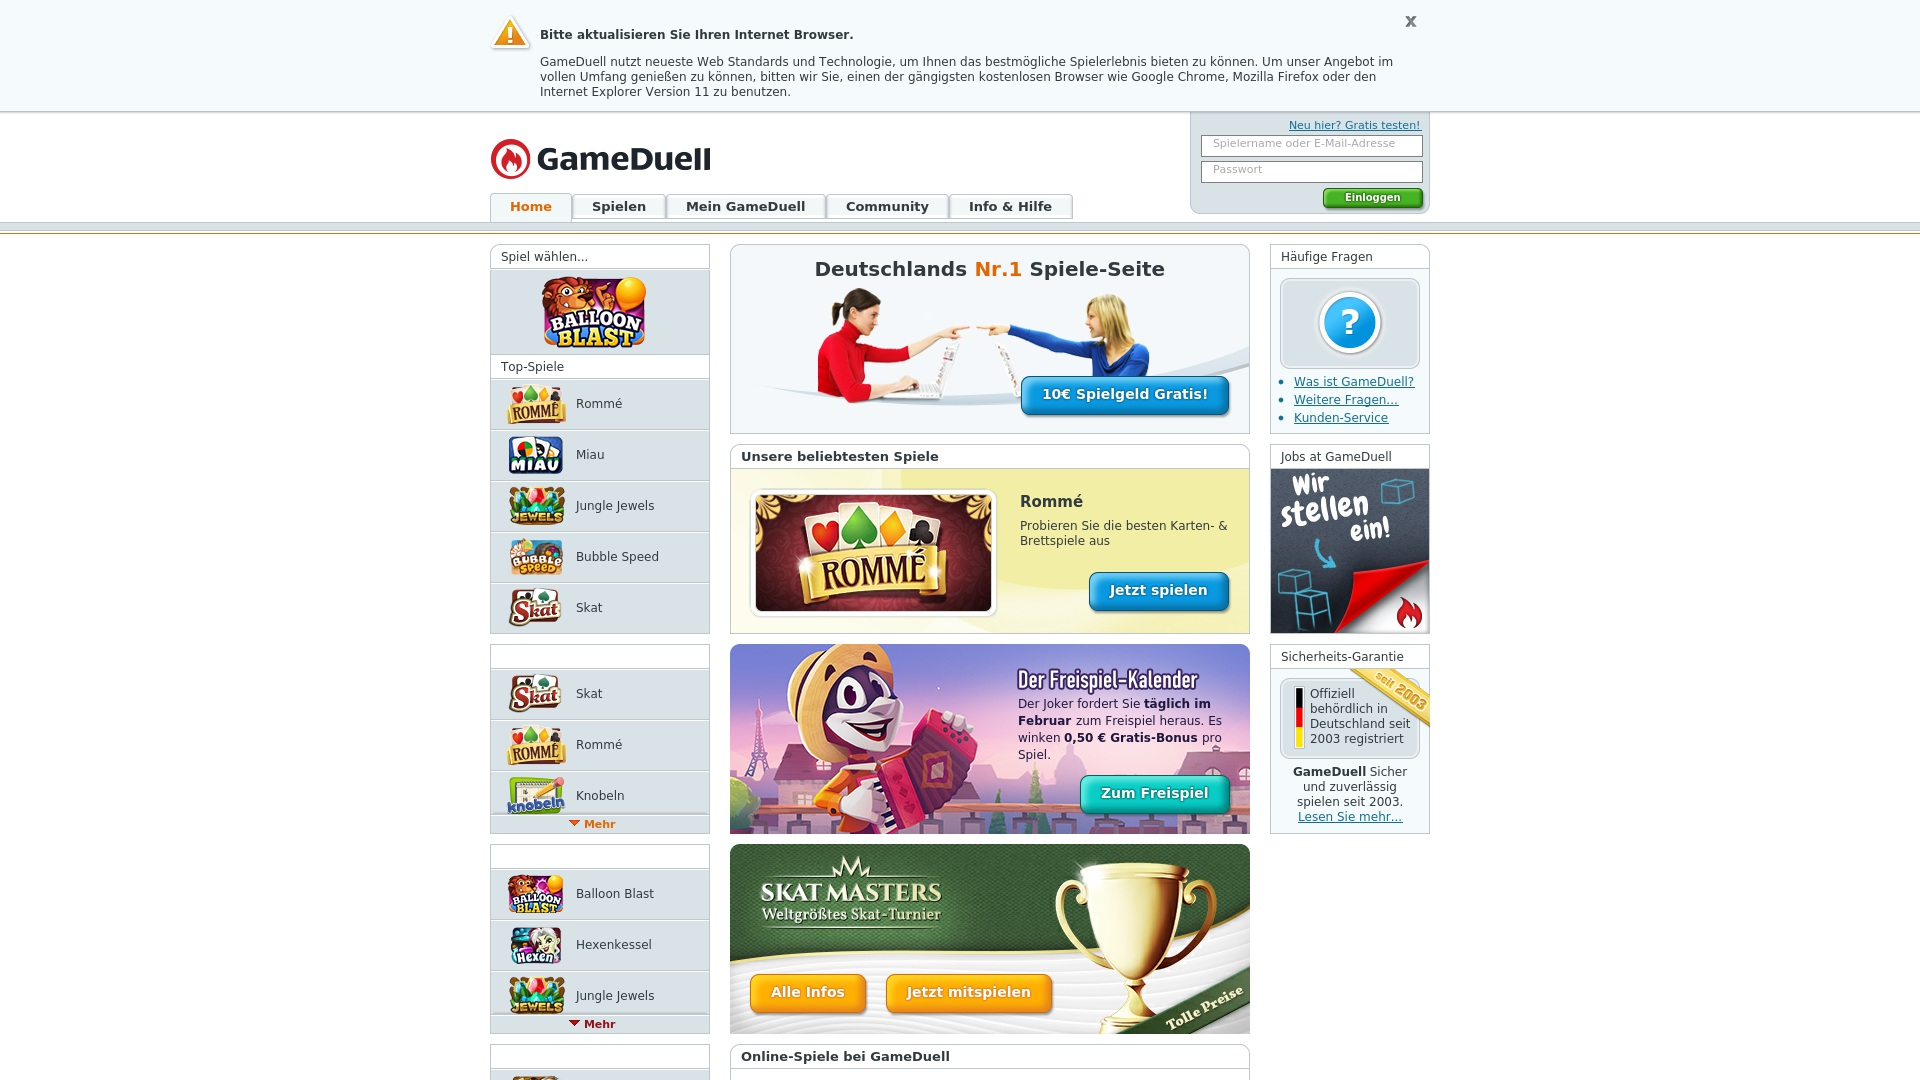 Gutschein für Gameduell: Rabatte für  Gameduell sichern